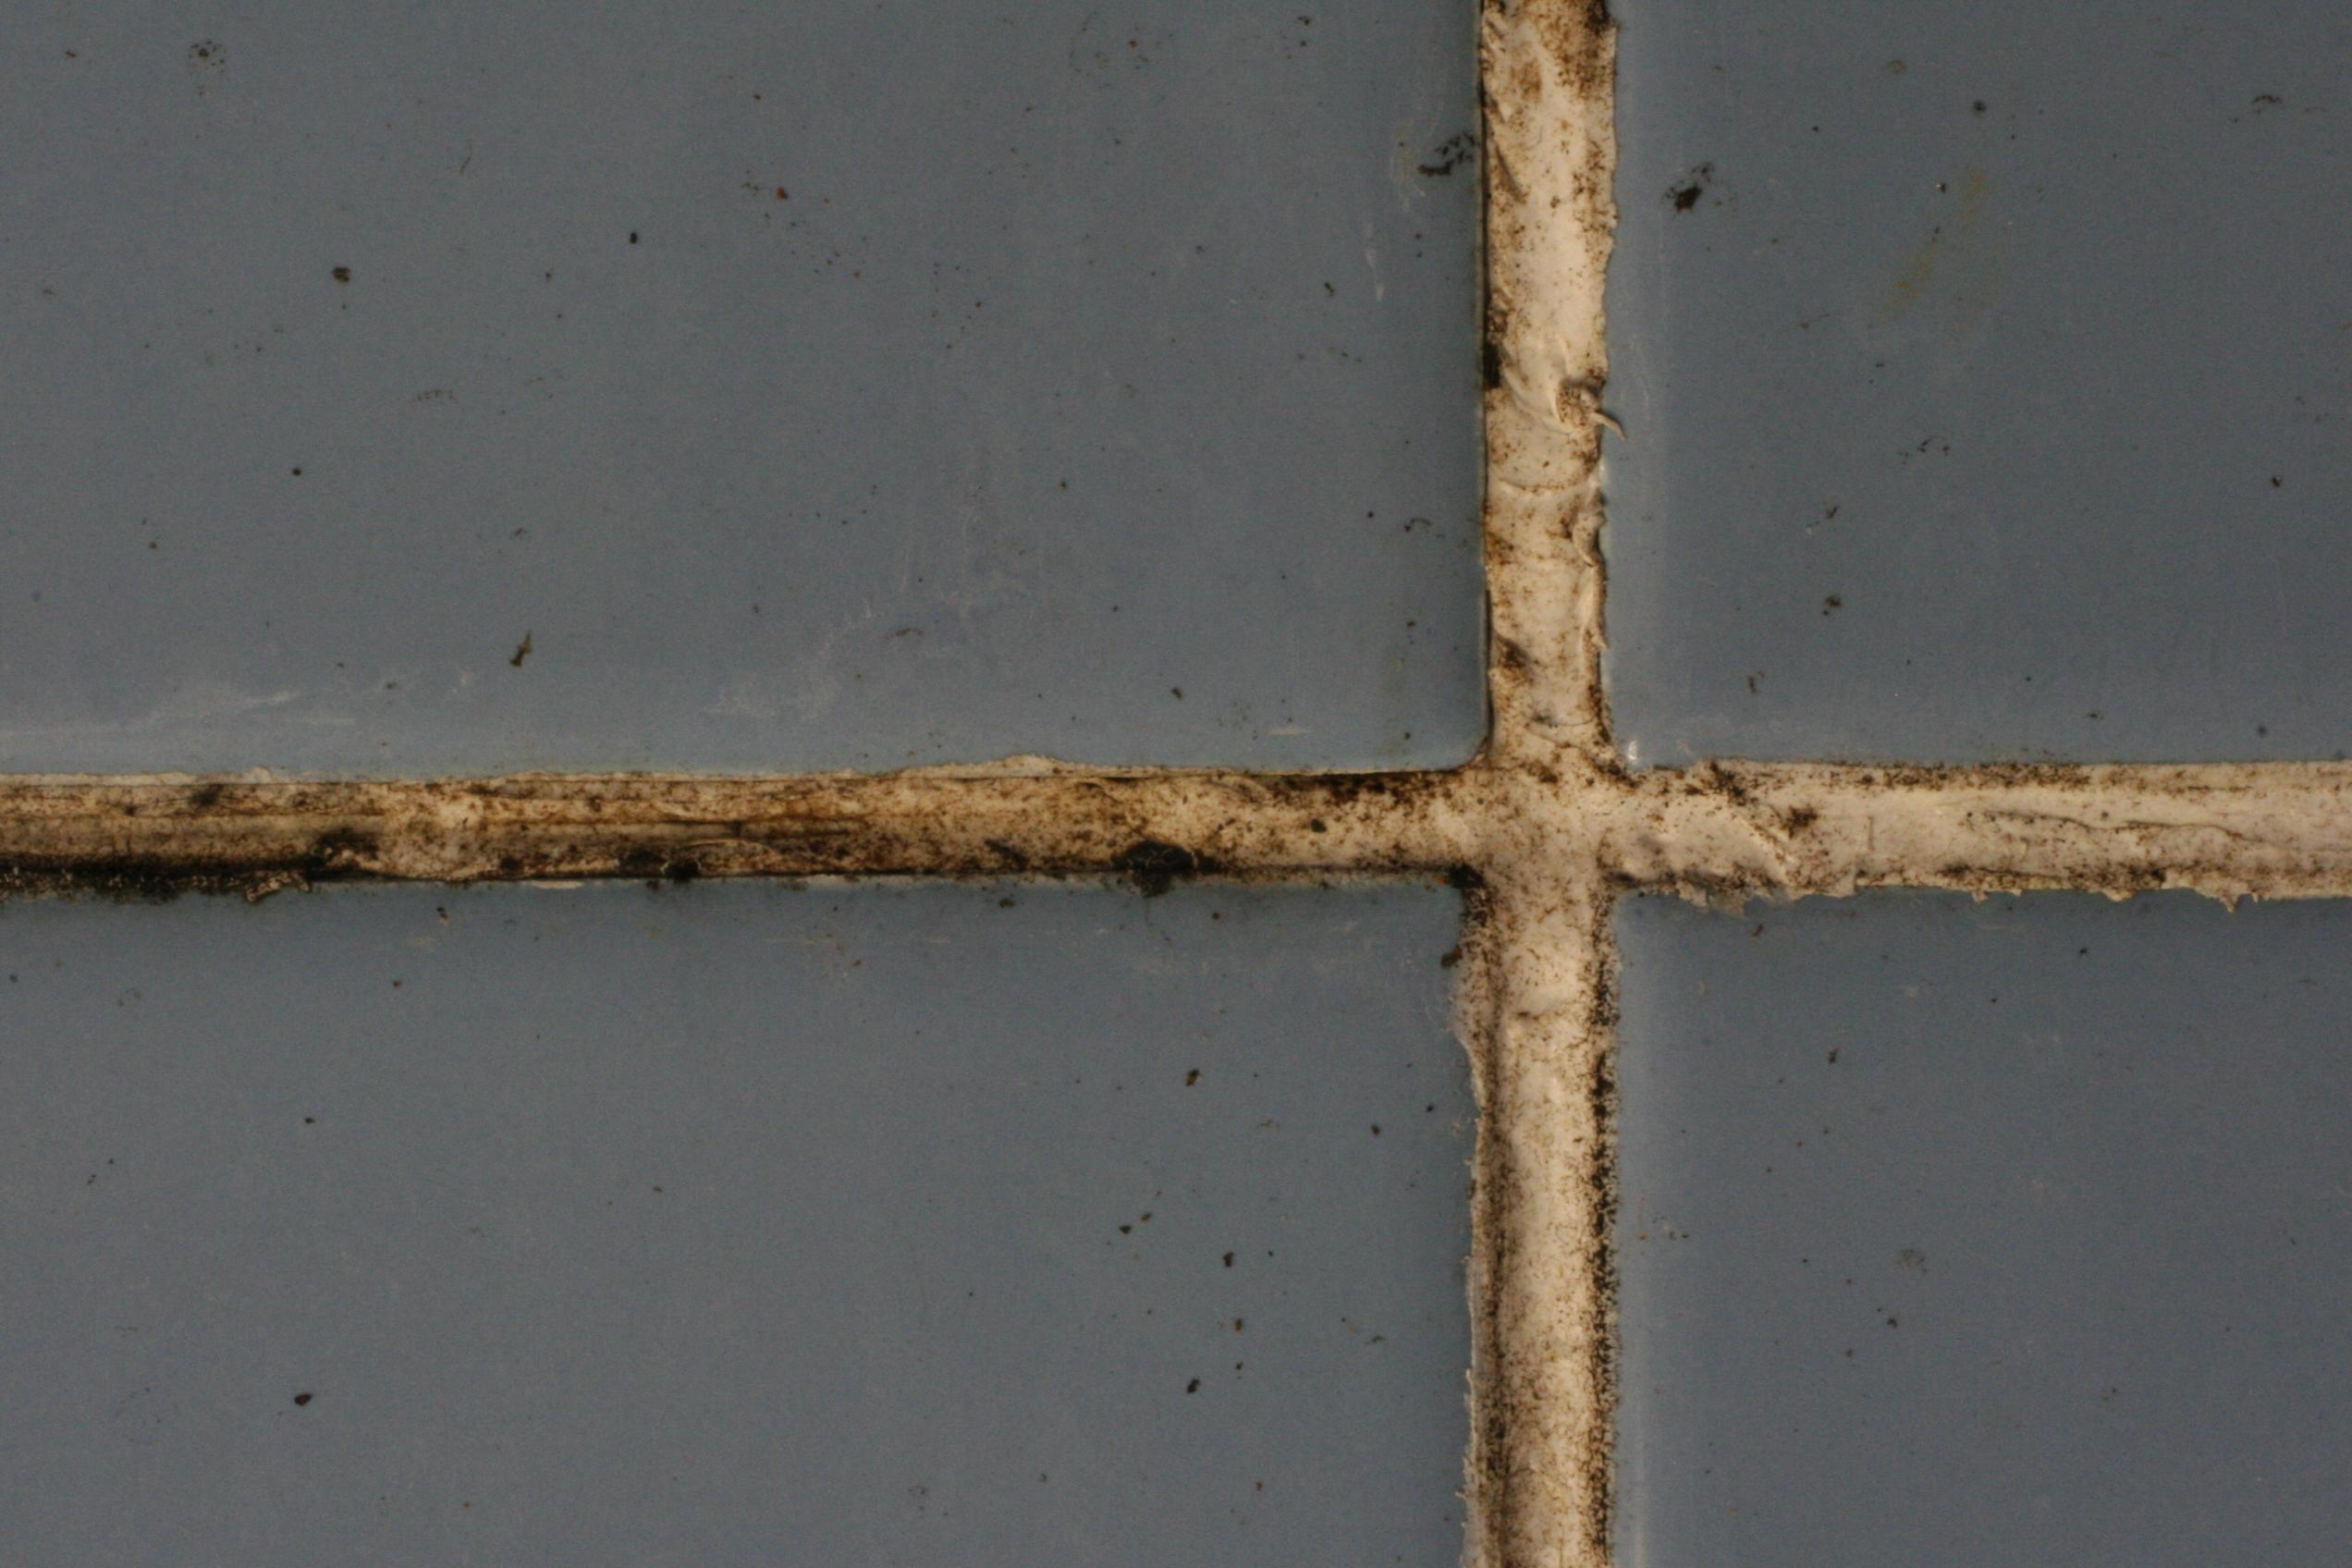 Black Mold in Tile Grout & tile